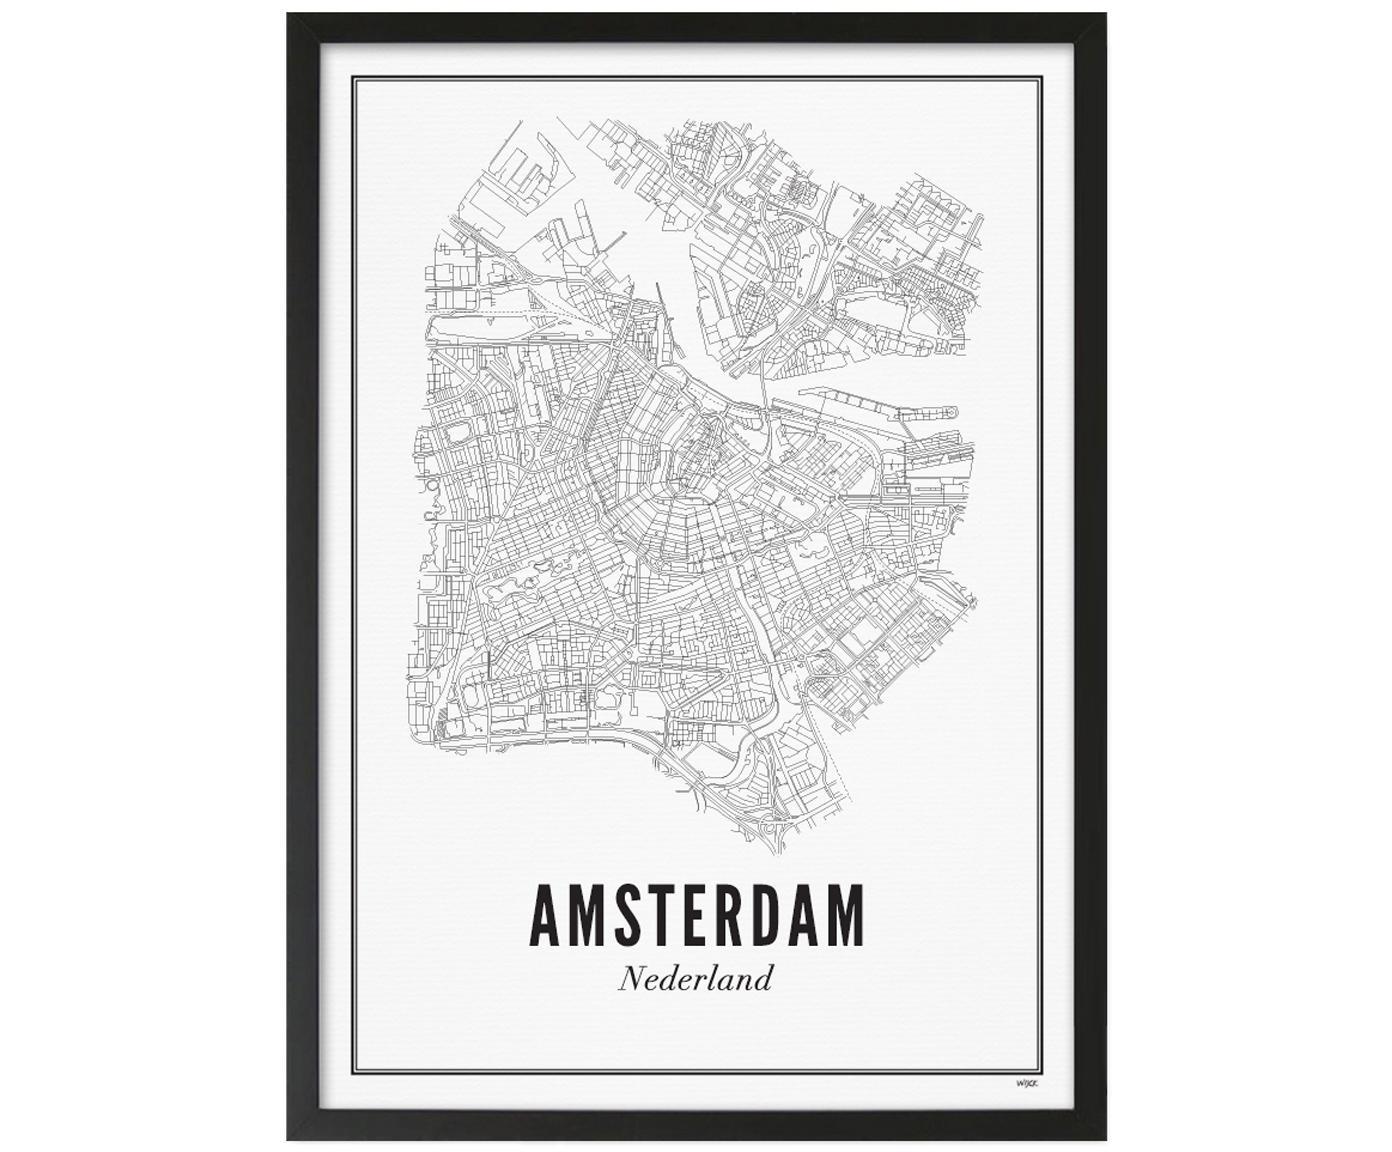 Stampa digitale incorniciata Amsterdam, Immagine: stampa digitale su carta , Cornice: legno verniciato, Immagine: nero, bianco Cornice: nero opaco, Larg. 42 x Alt. 53 cm